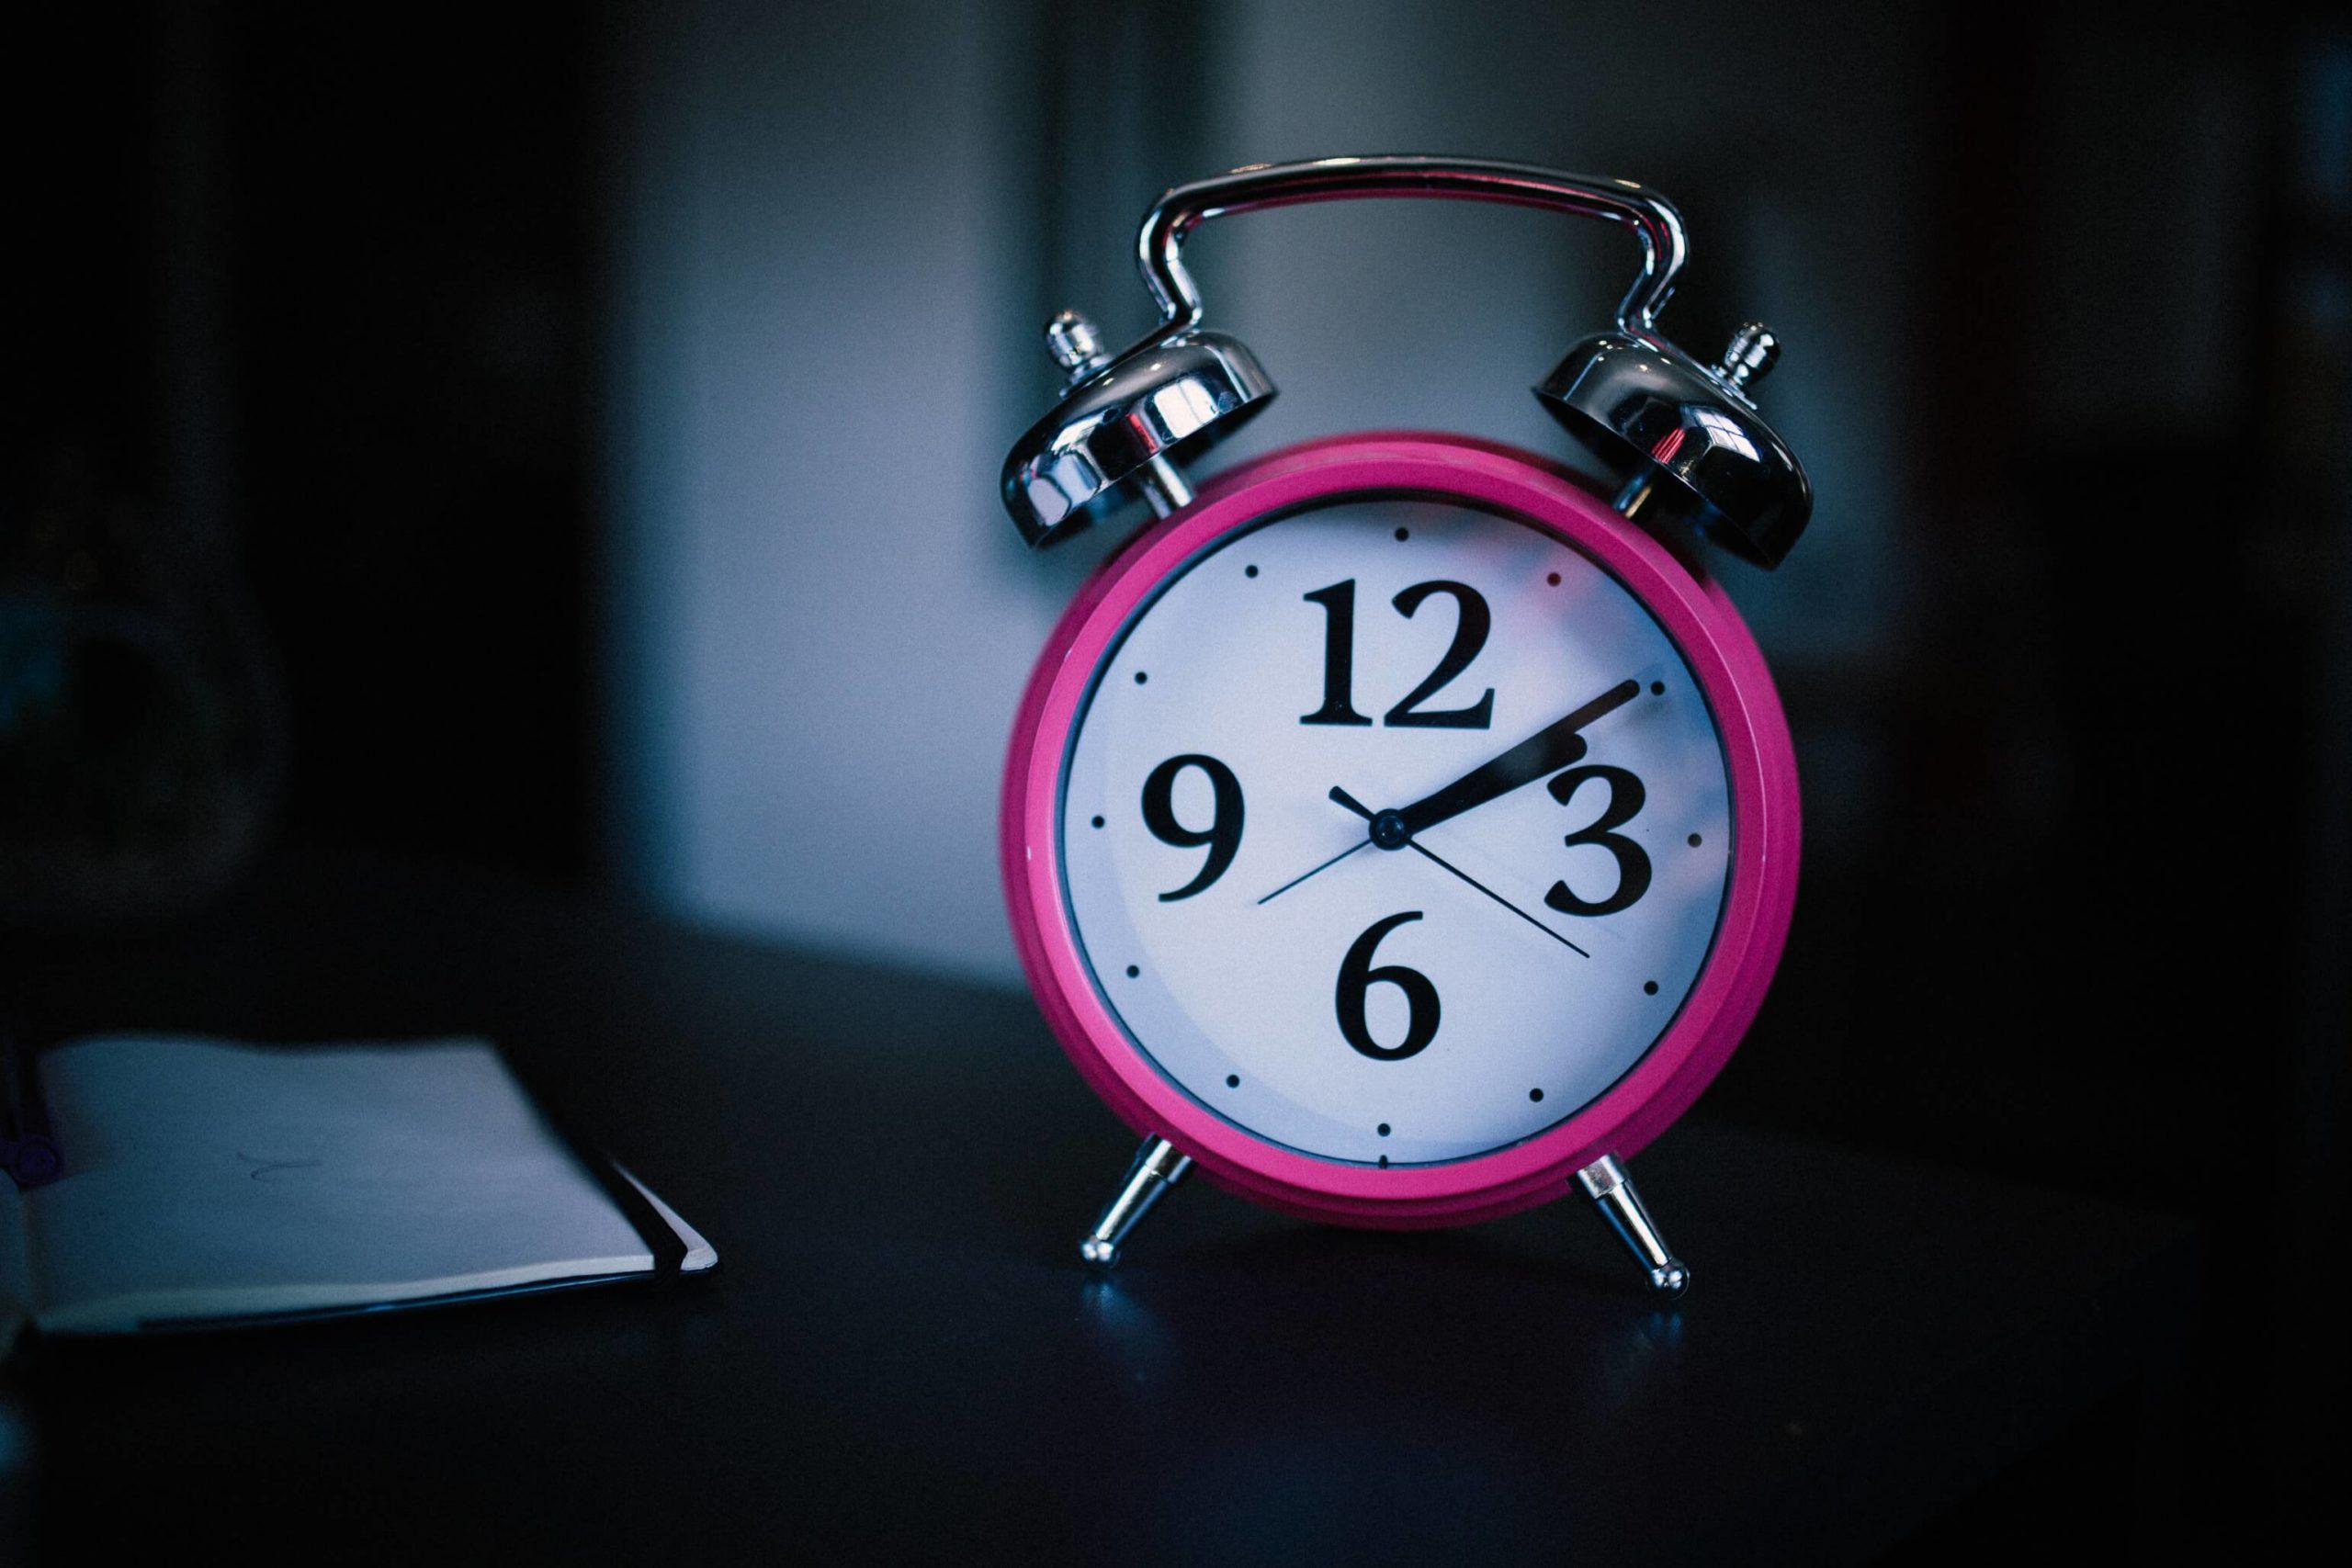 alert alarm clock sbam.io